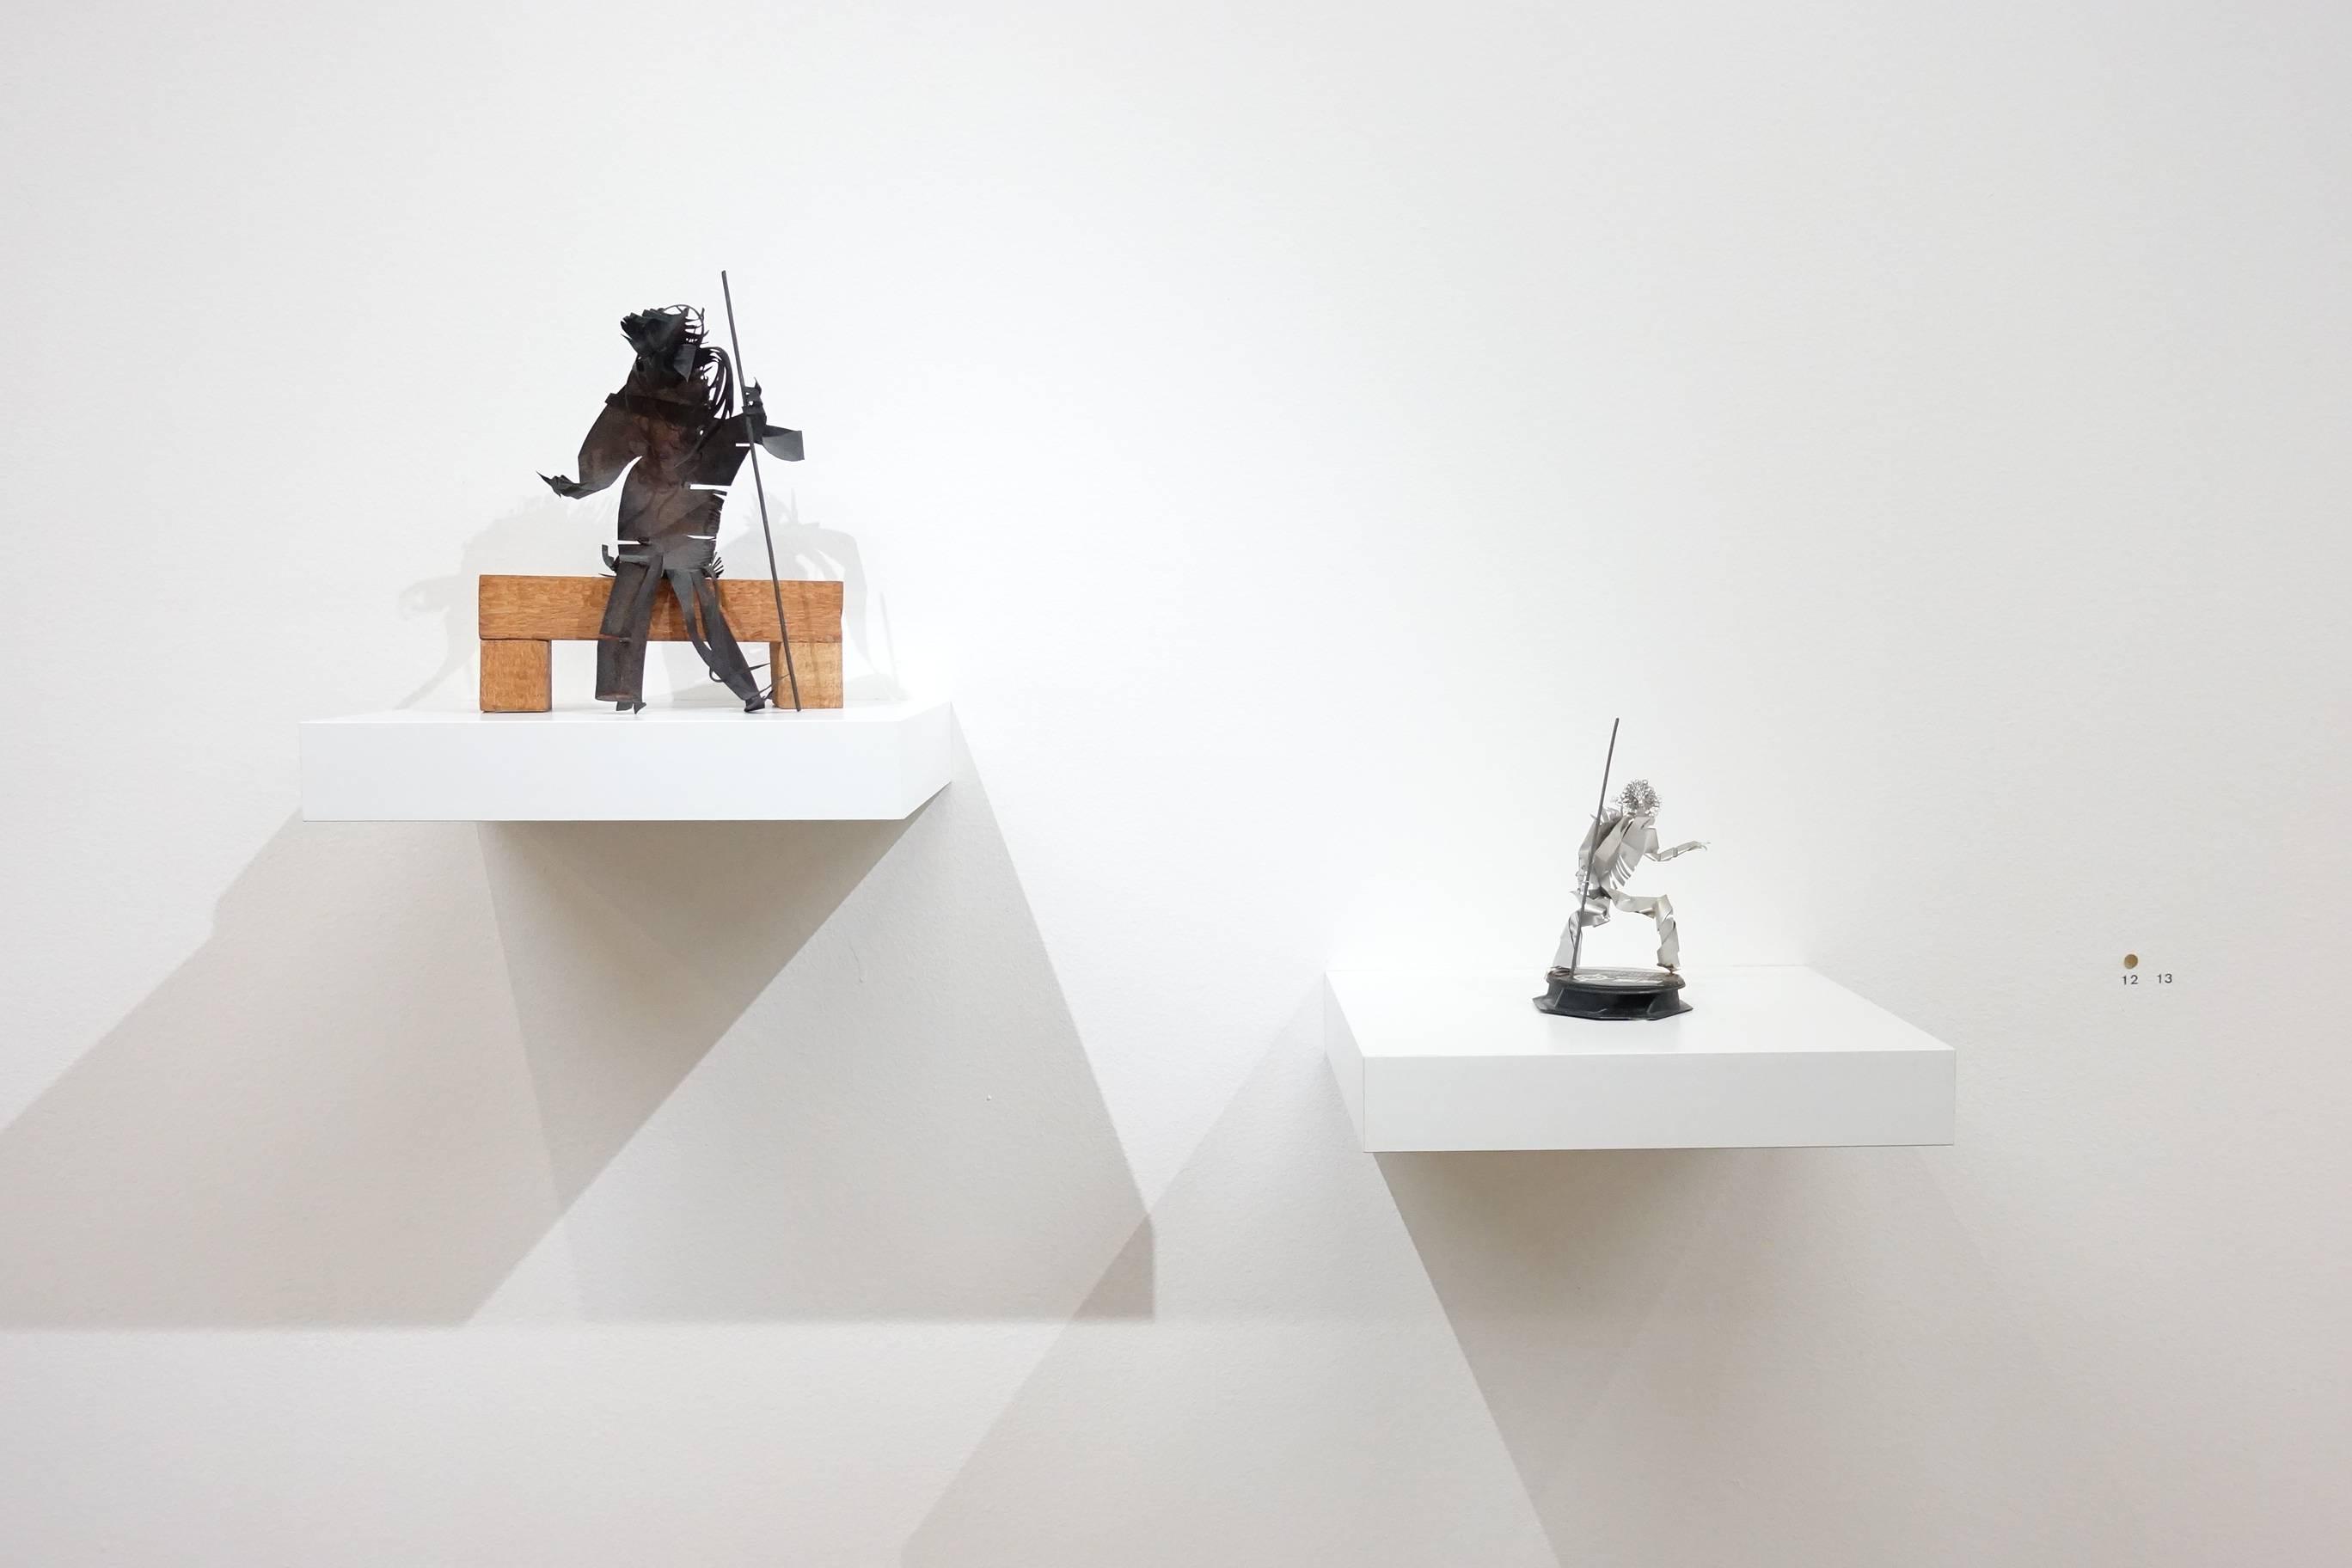 左:夏陽,持杖坐者,1990年;右:夏陽,持杖者,1990年後。